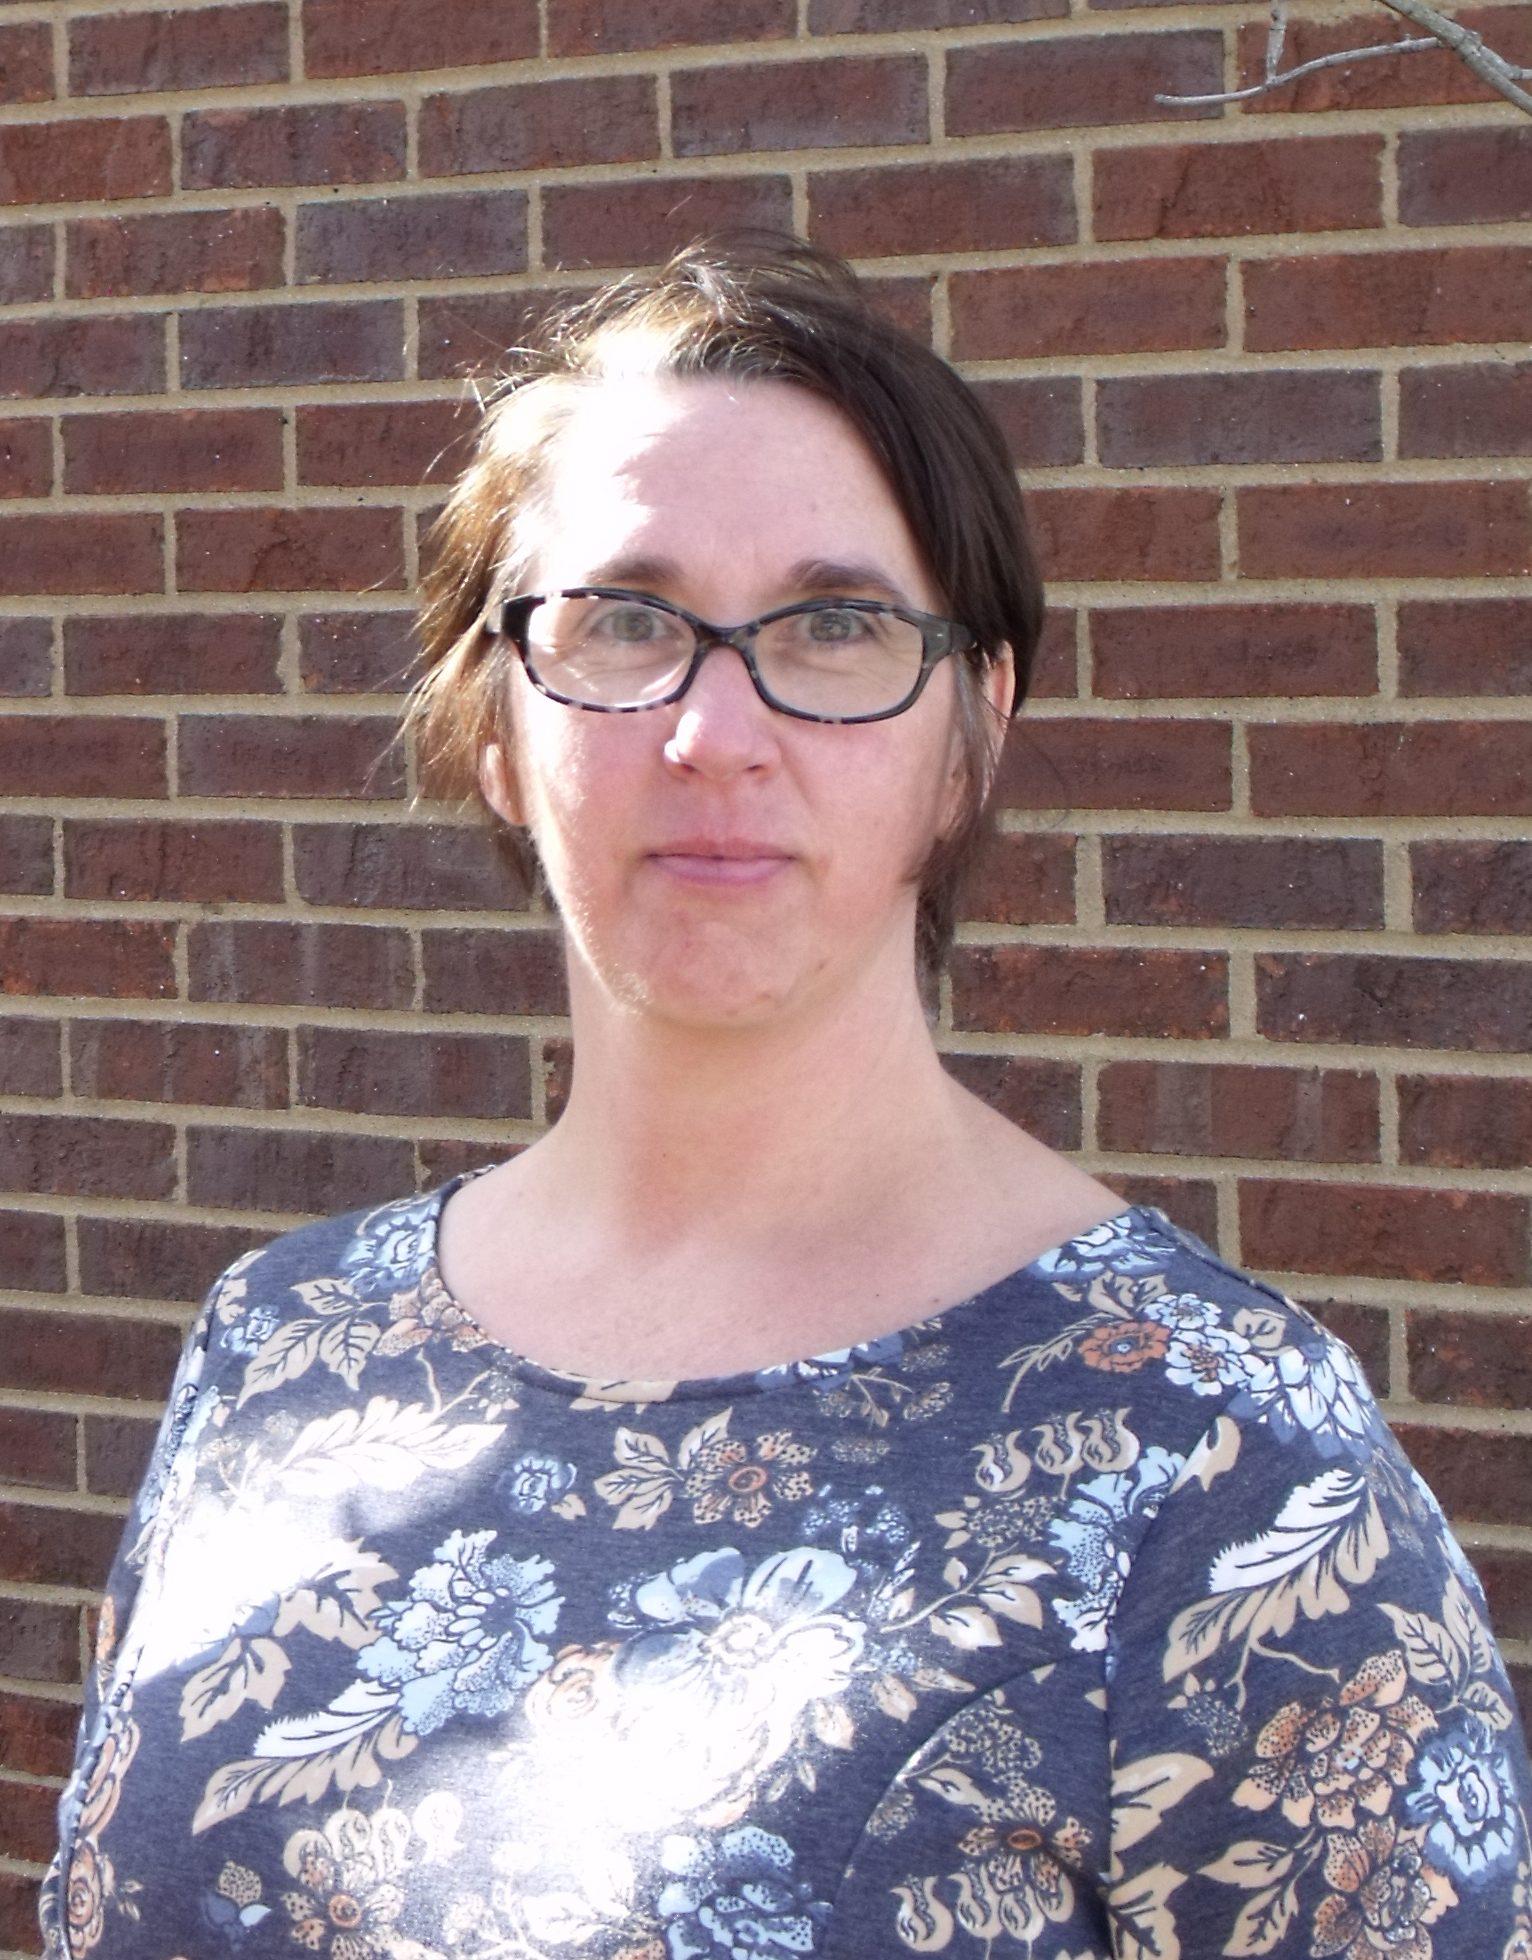 Sara Settimi, M.S., OTR/L